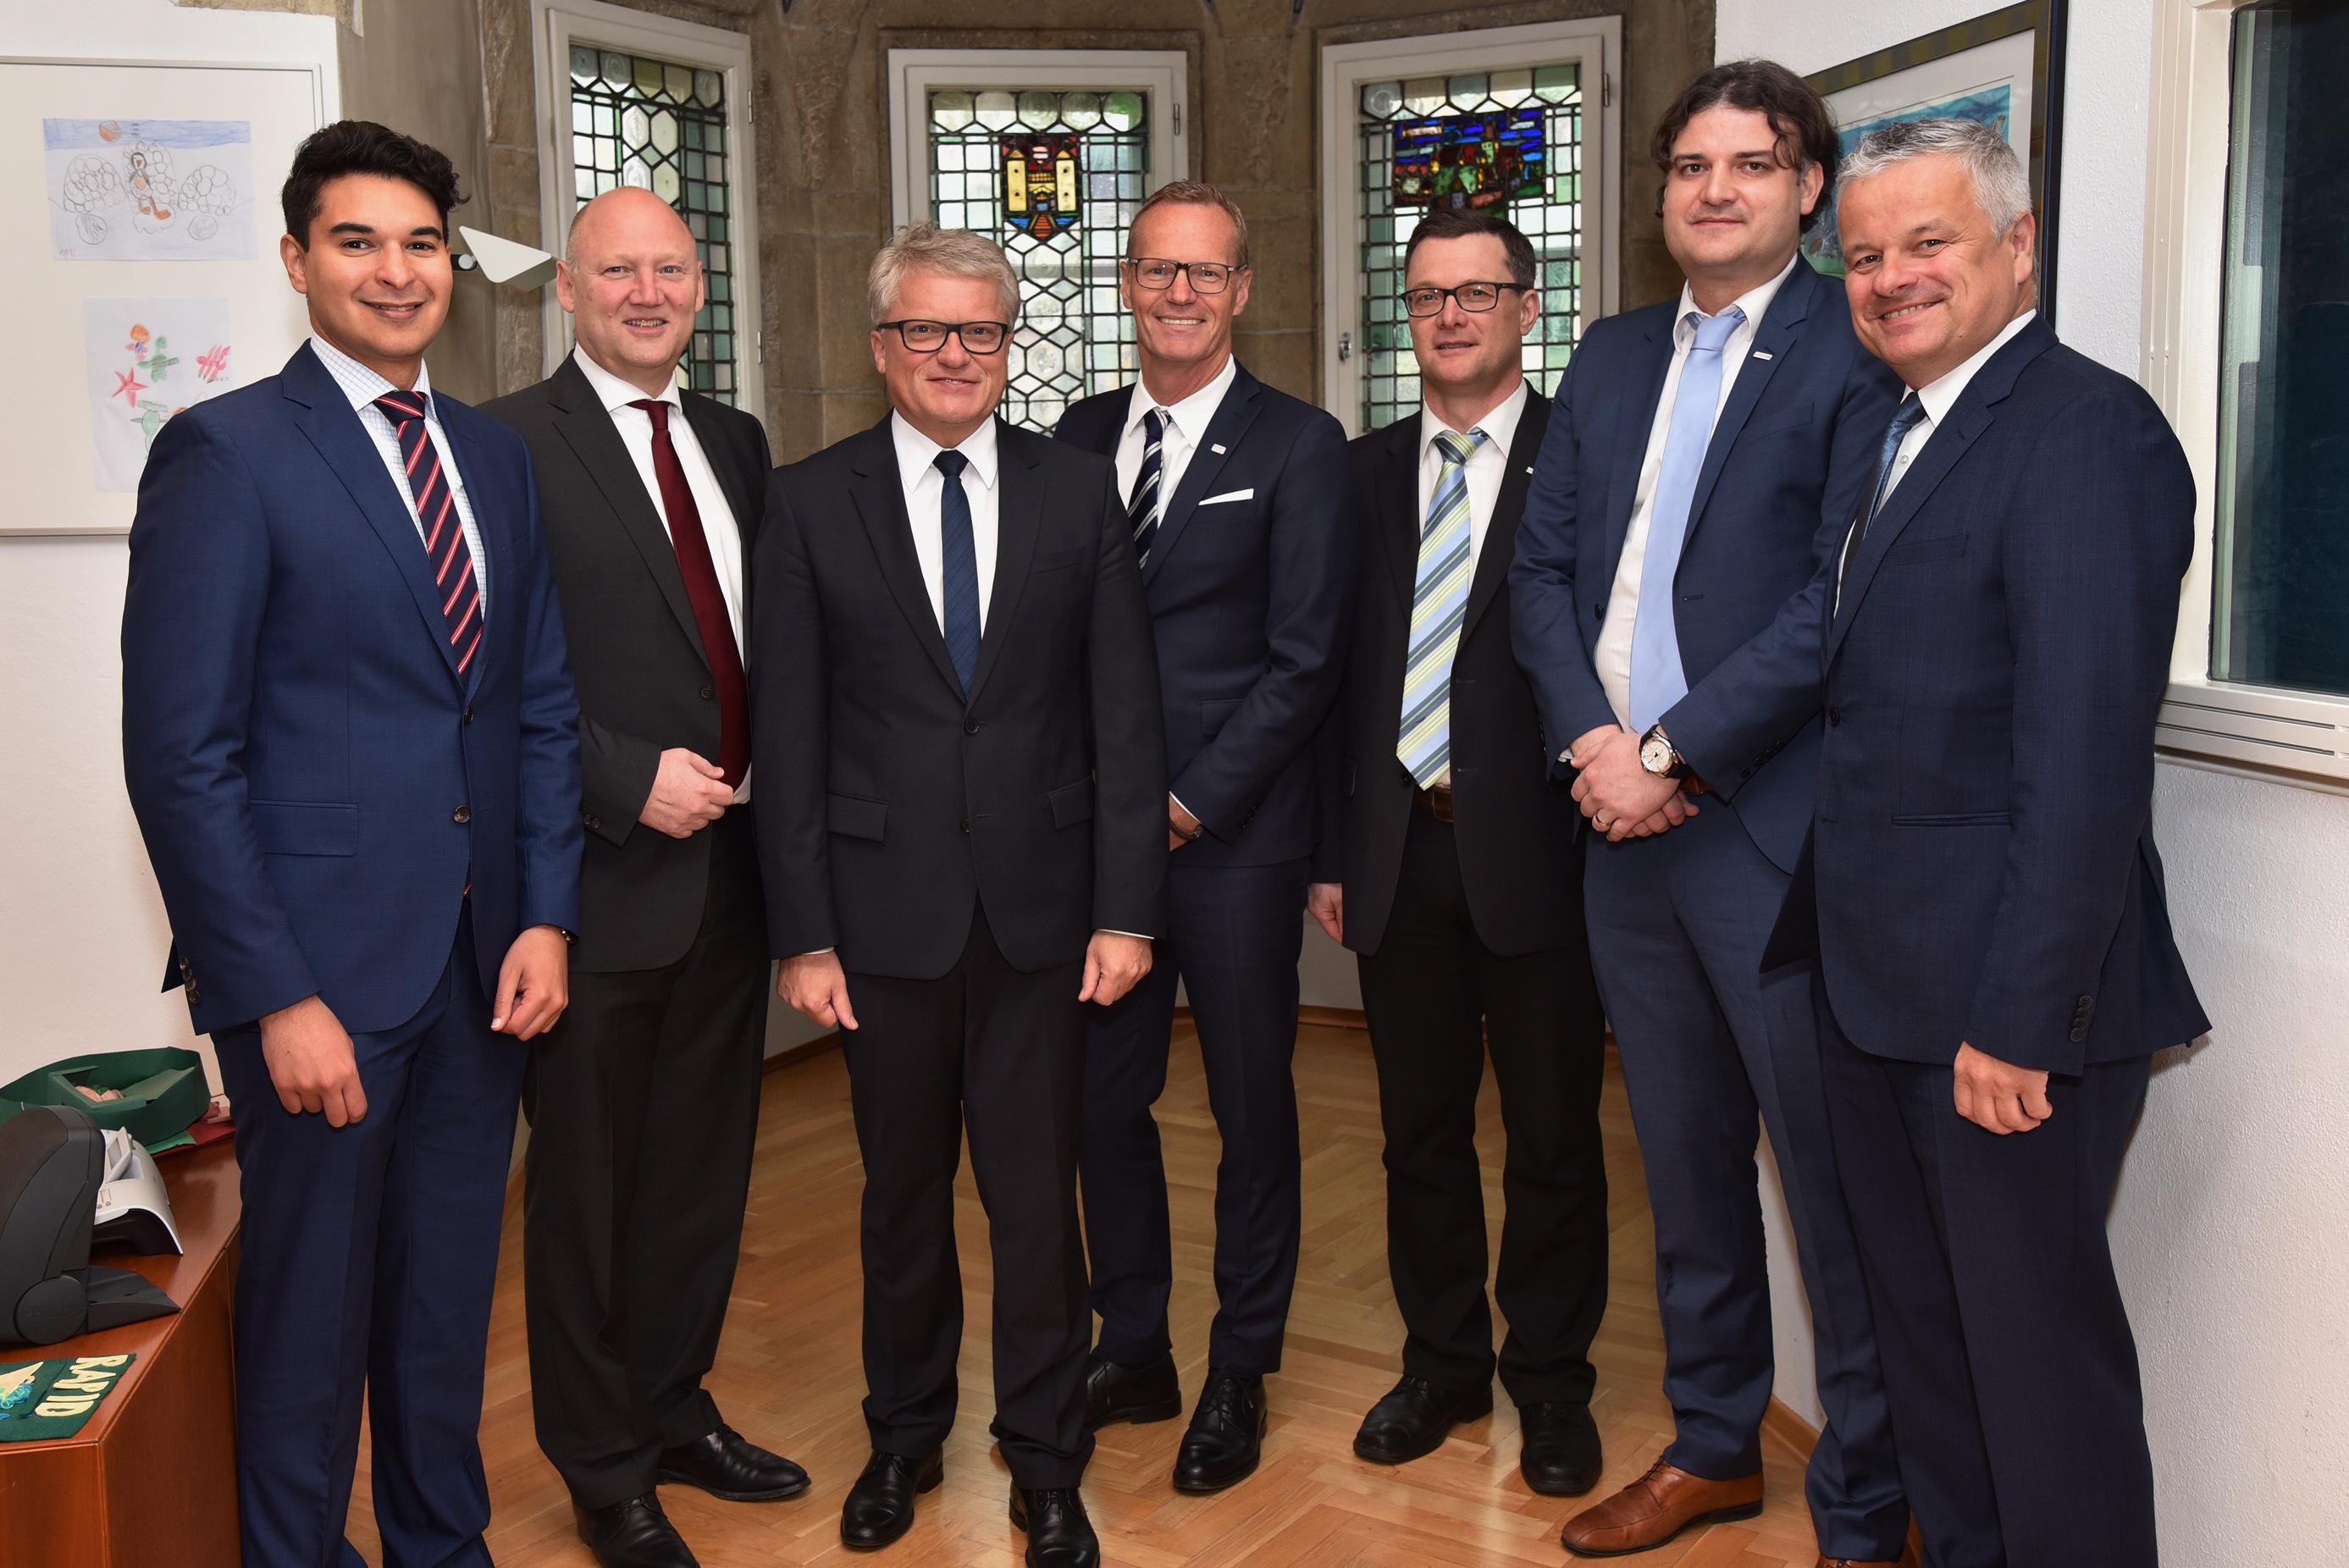 Gruppenbild der Kollegen von CISCO, LINZ AG TELEKOM und dem Bürgermeister der Stadt Linz